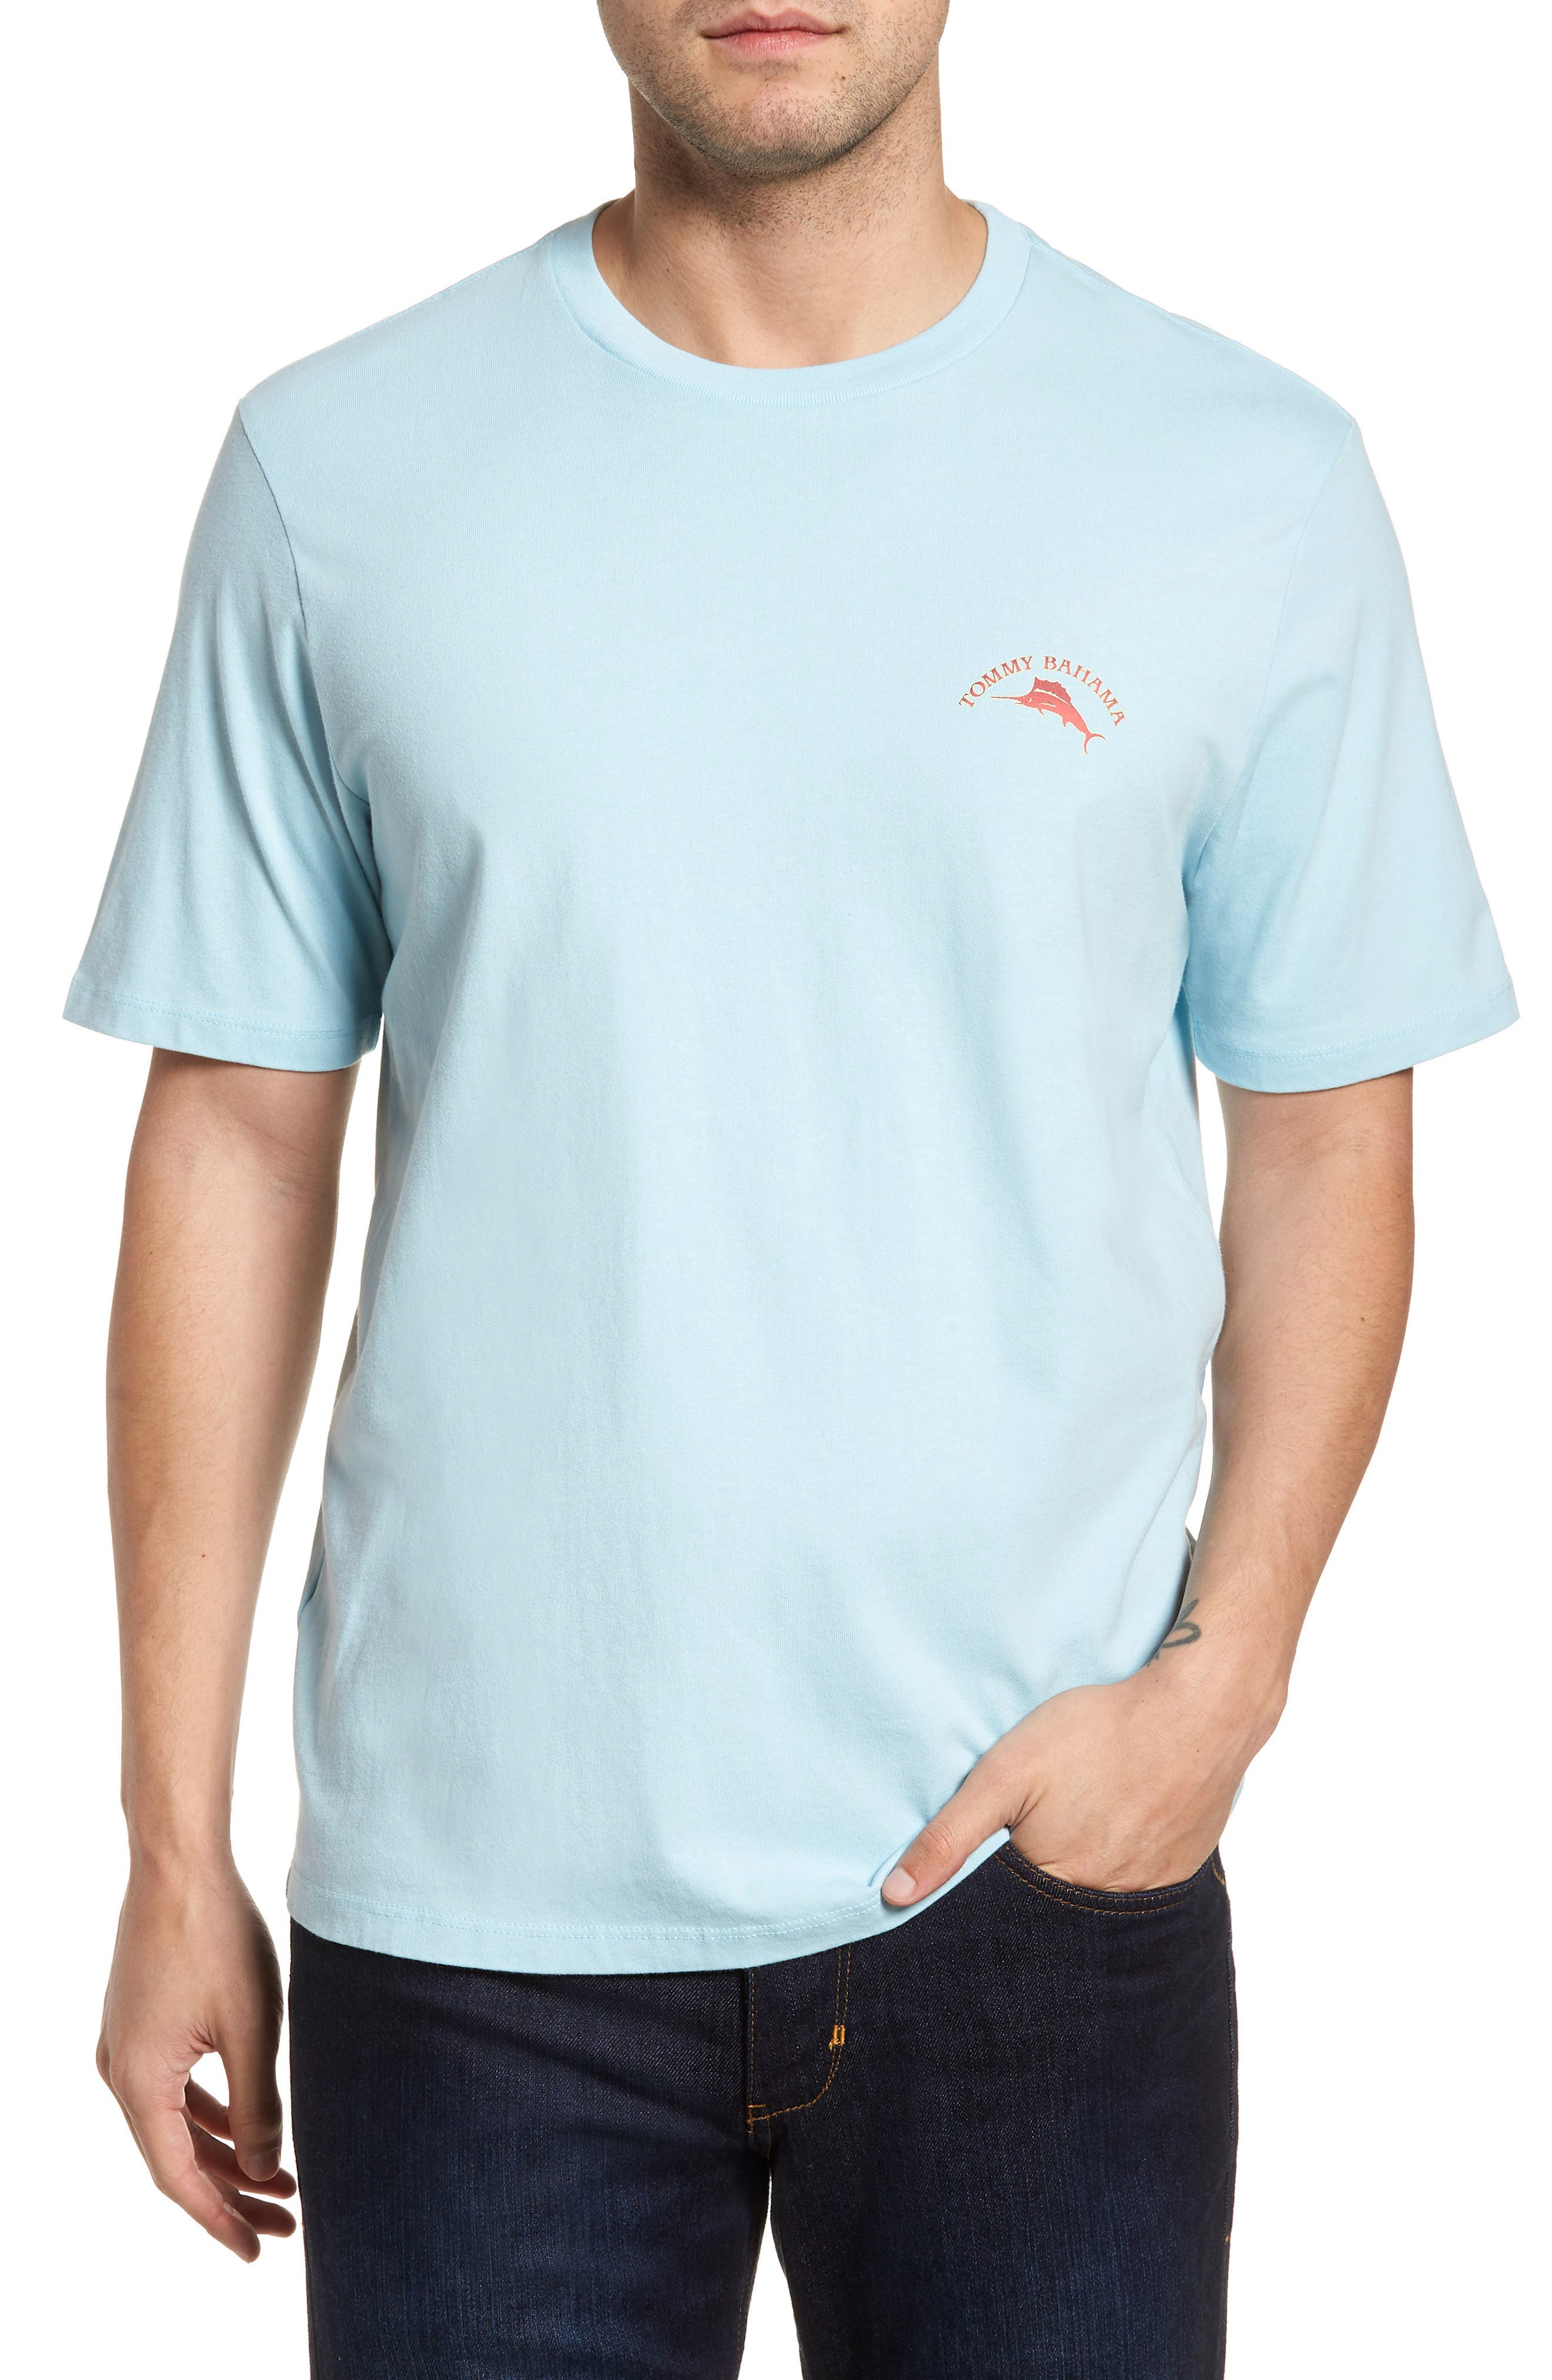 Zinspiration T-Shirt,                         Main,                         color, 100